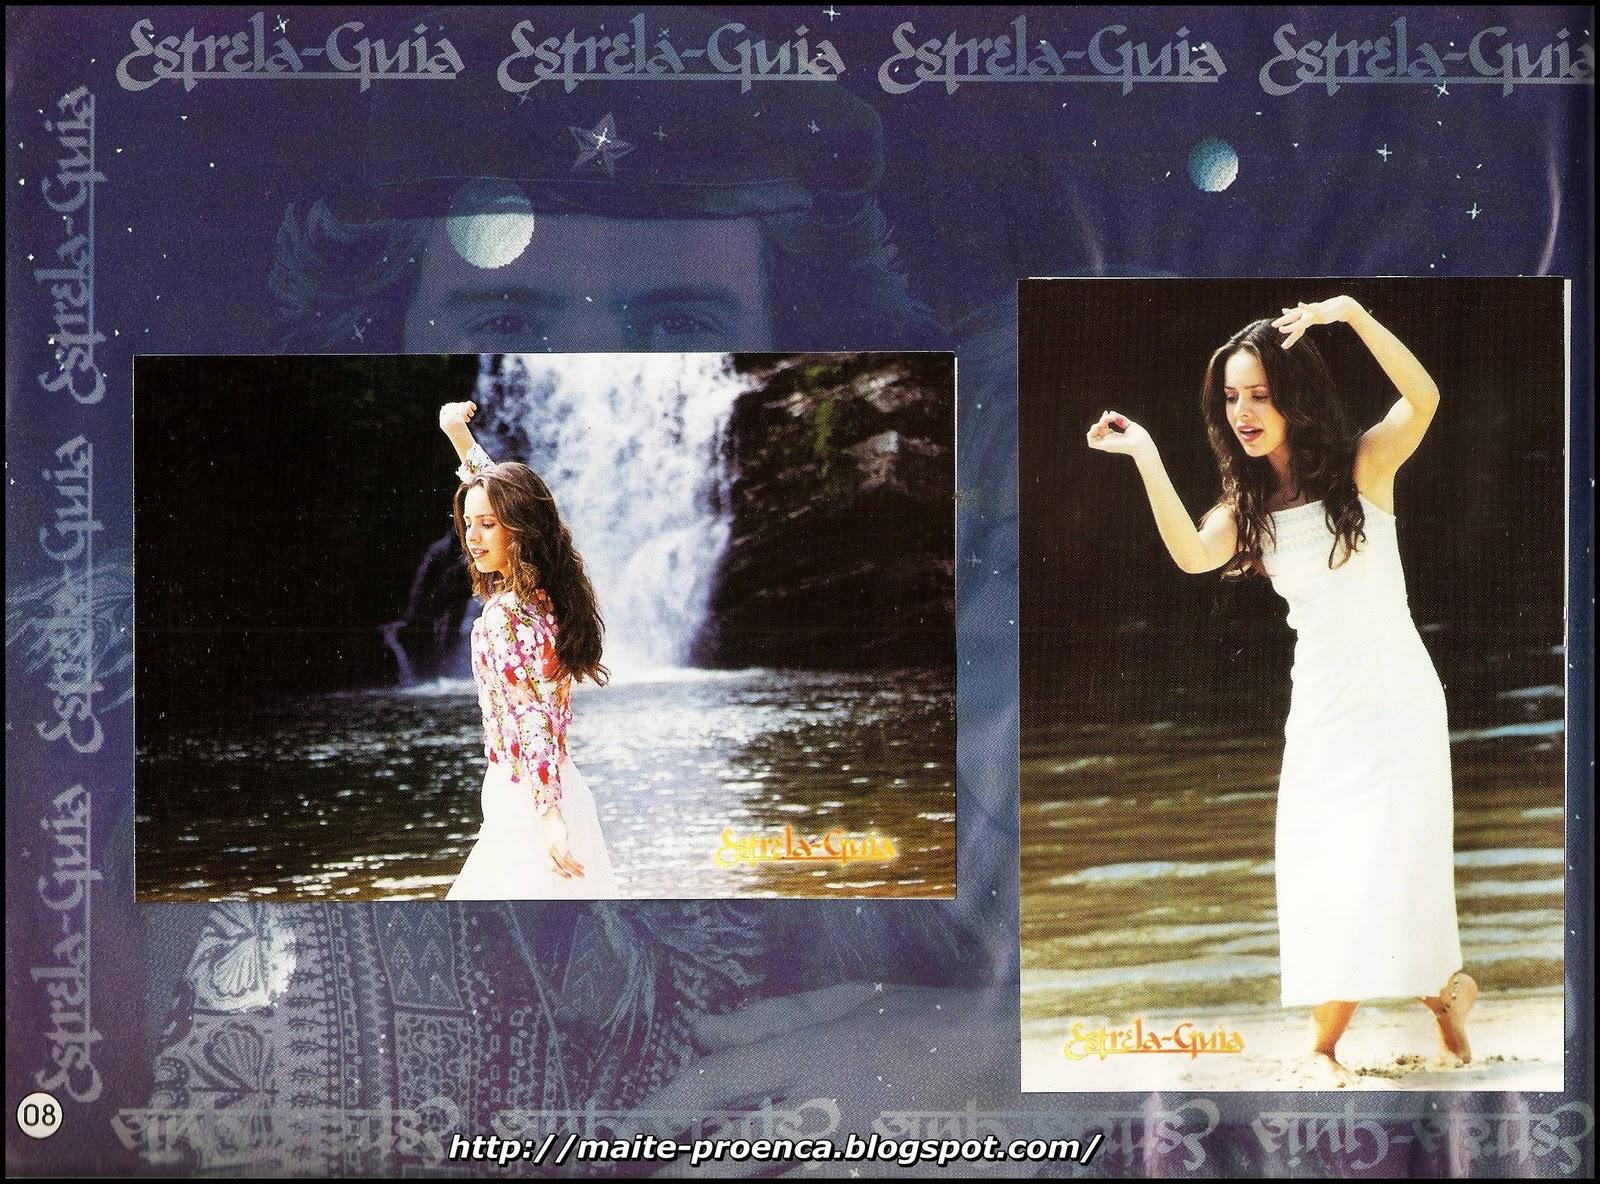 691+2001+Estrela+Guia+Album+(9).jpg